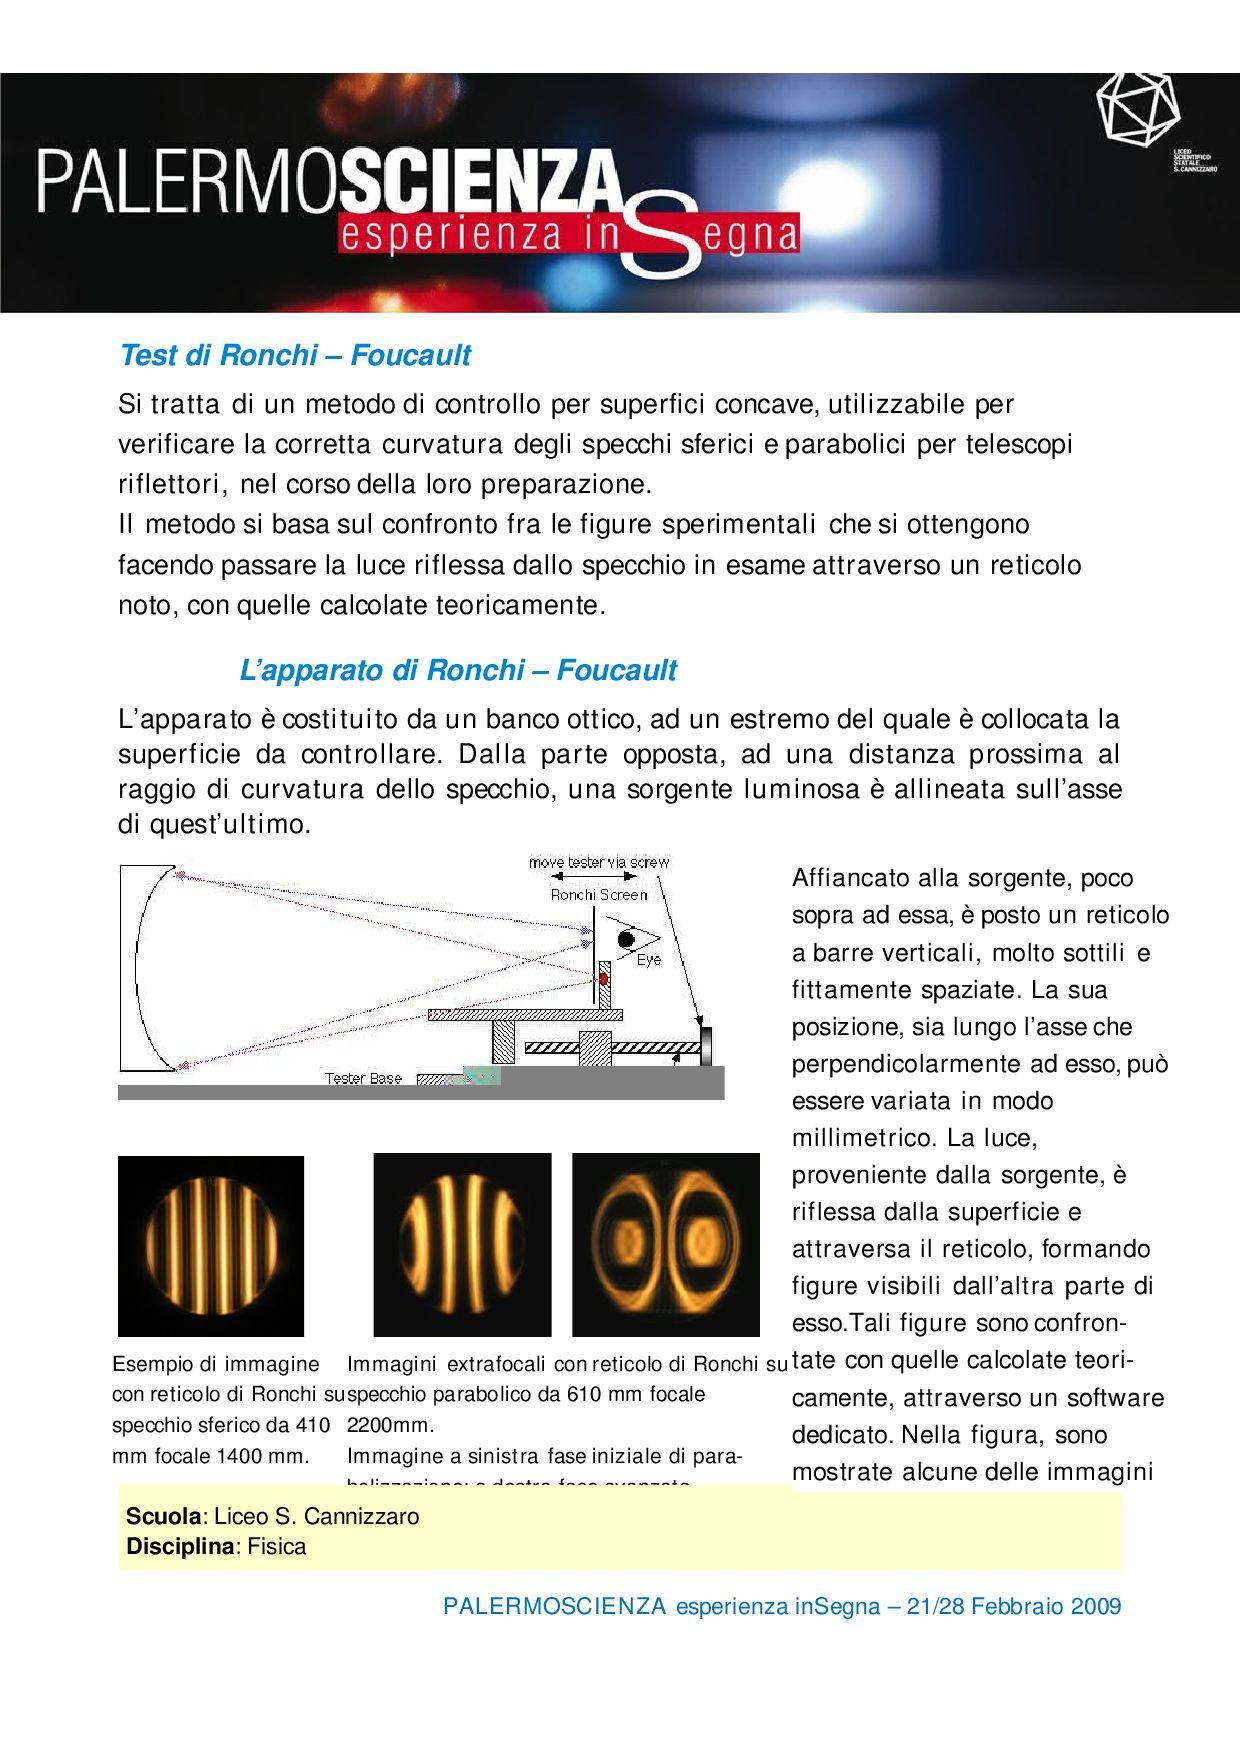 Test di ronchi foucault si tratta di un metodo by palermo scienza issuu - Test dello specchio ...